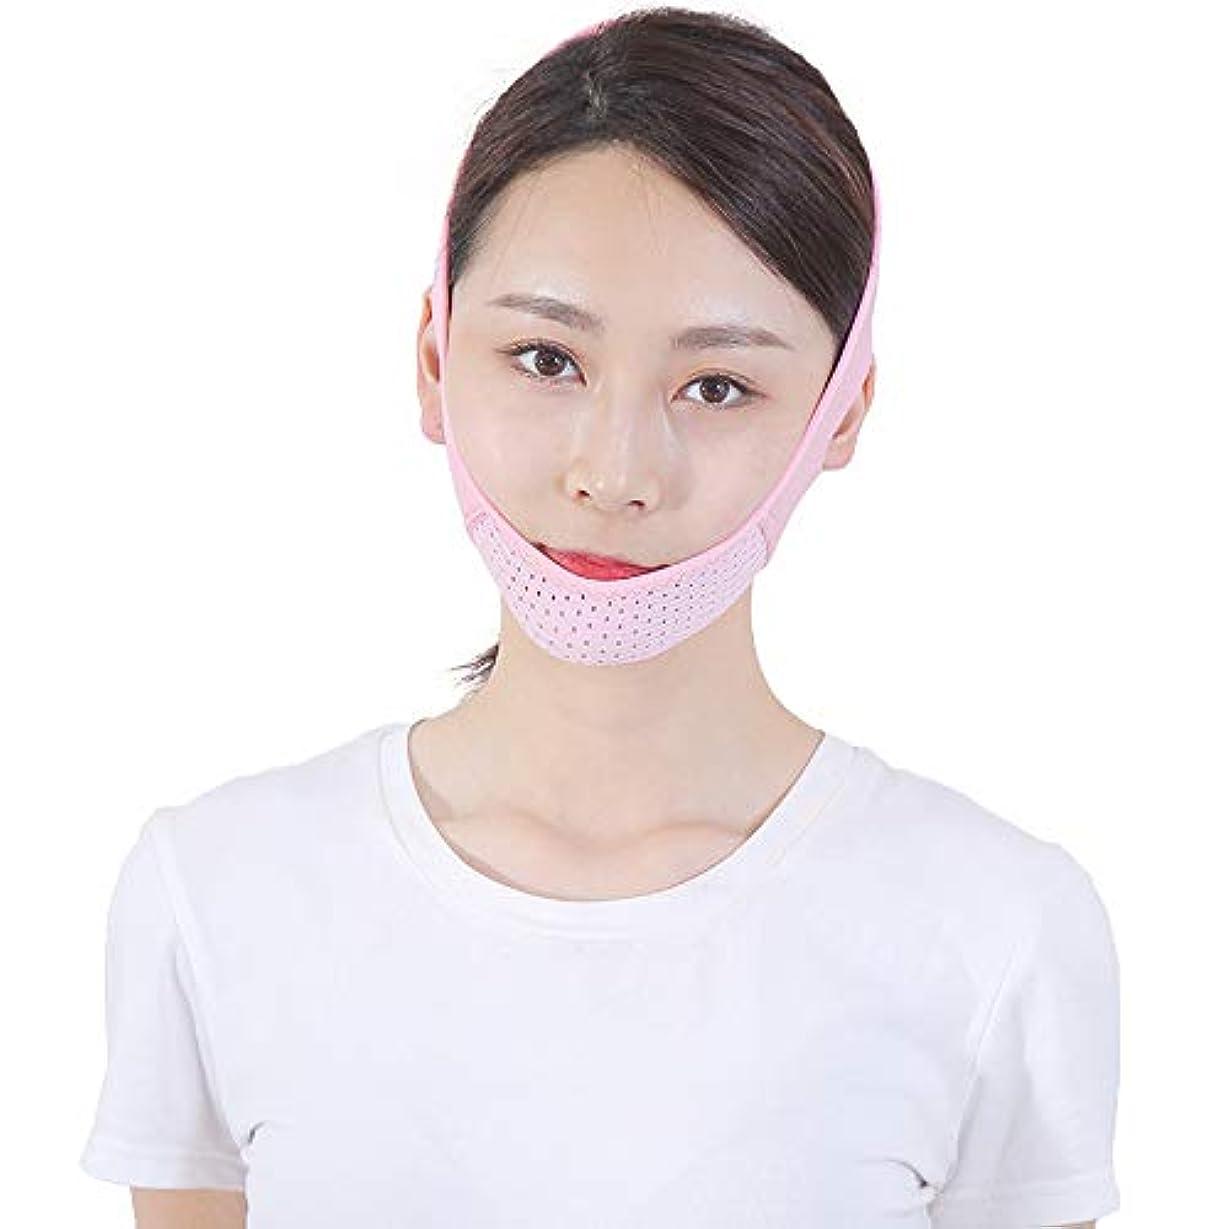 うまれた上級イソギンチャク薄い顔のベルト - 薄い顔のベルト 顔の包帯ダブルチンの顔リフトの人工物Vのフェイスベルト薄い顔のマスク 美しさ